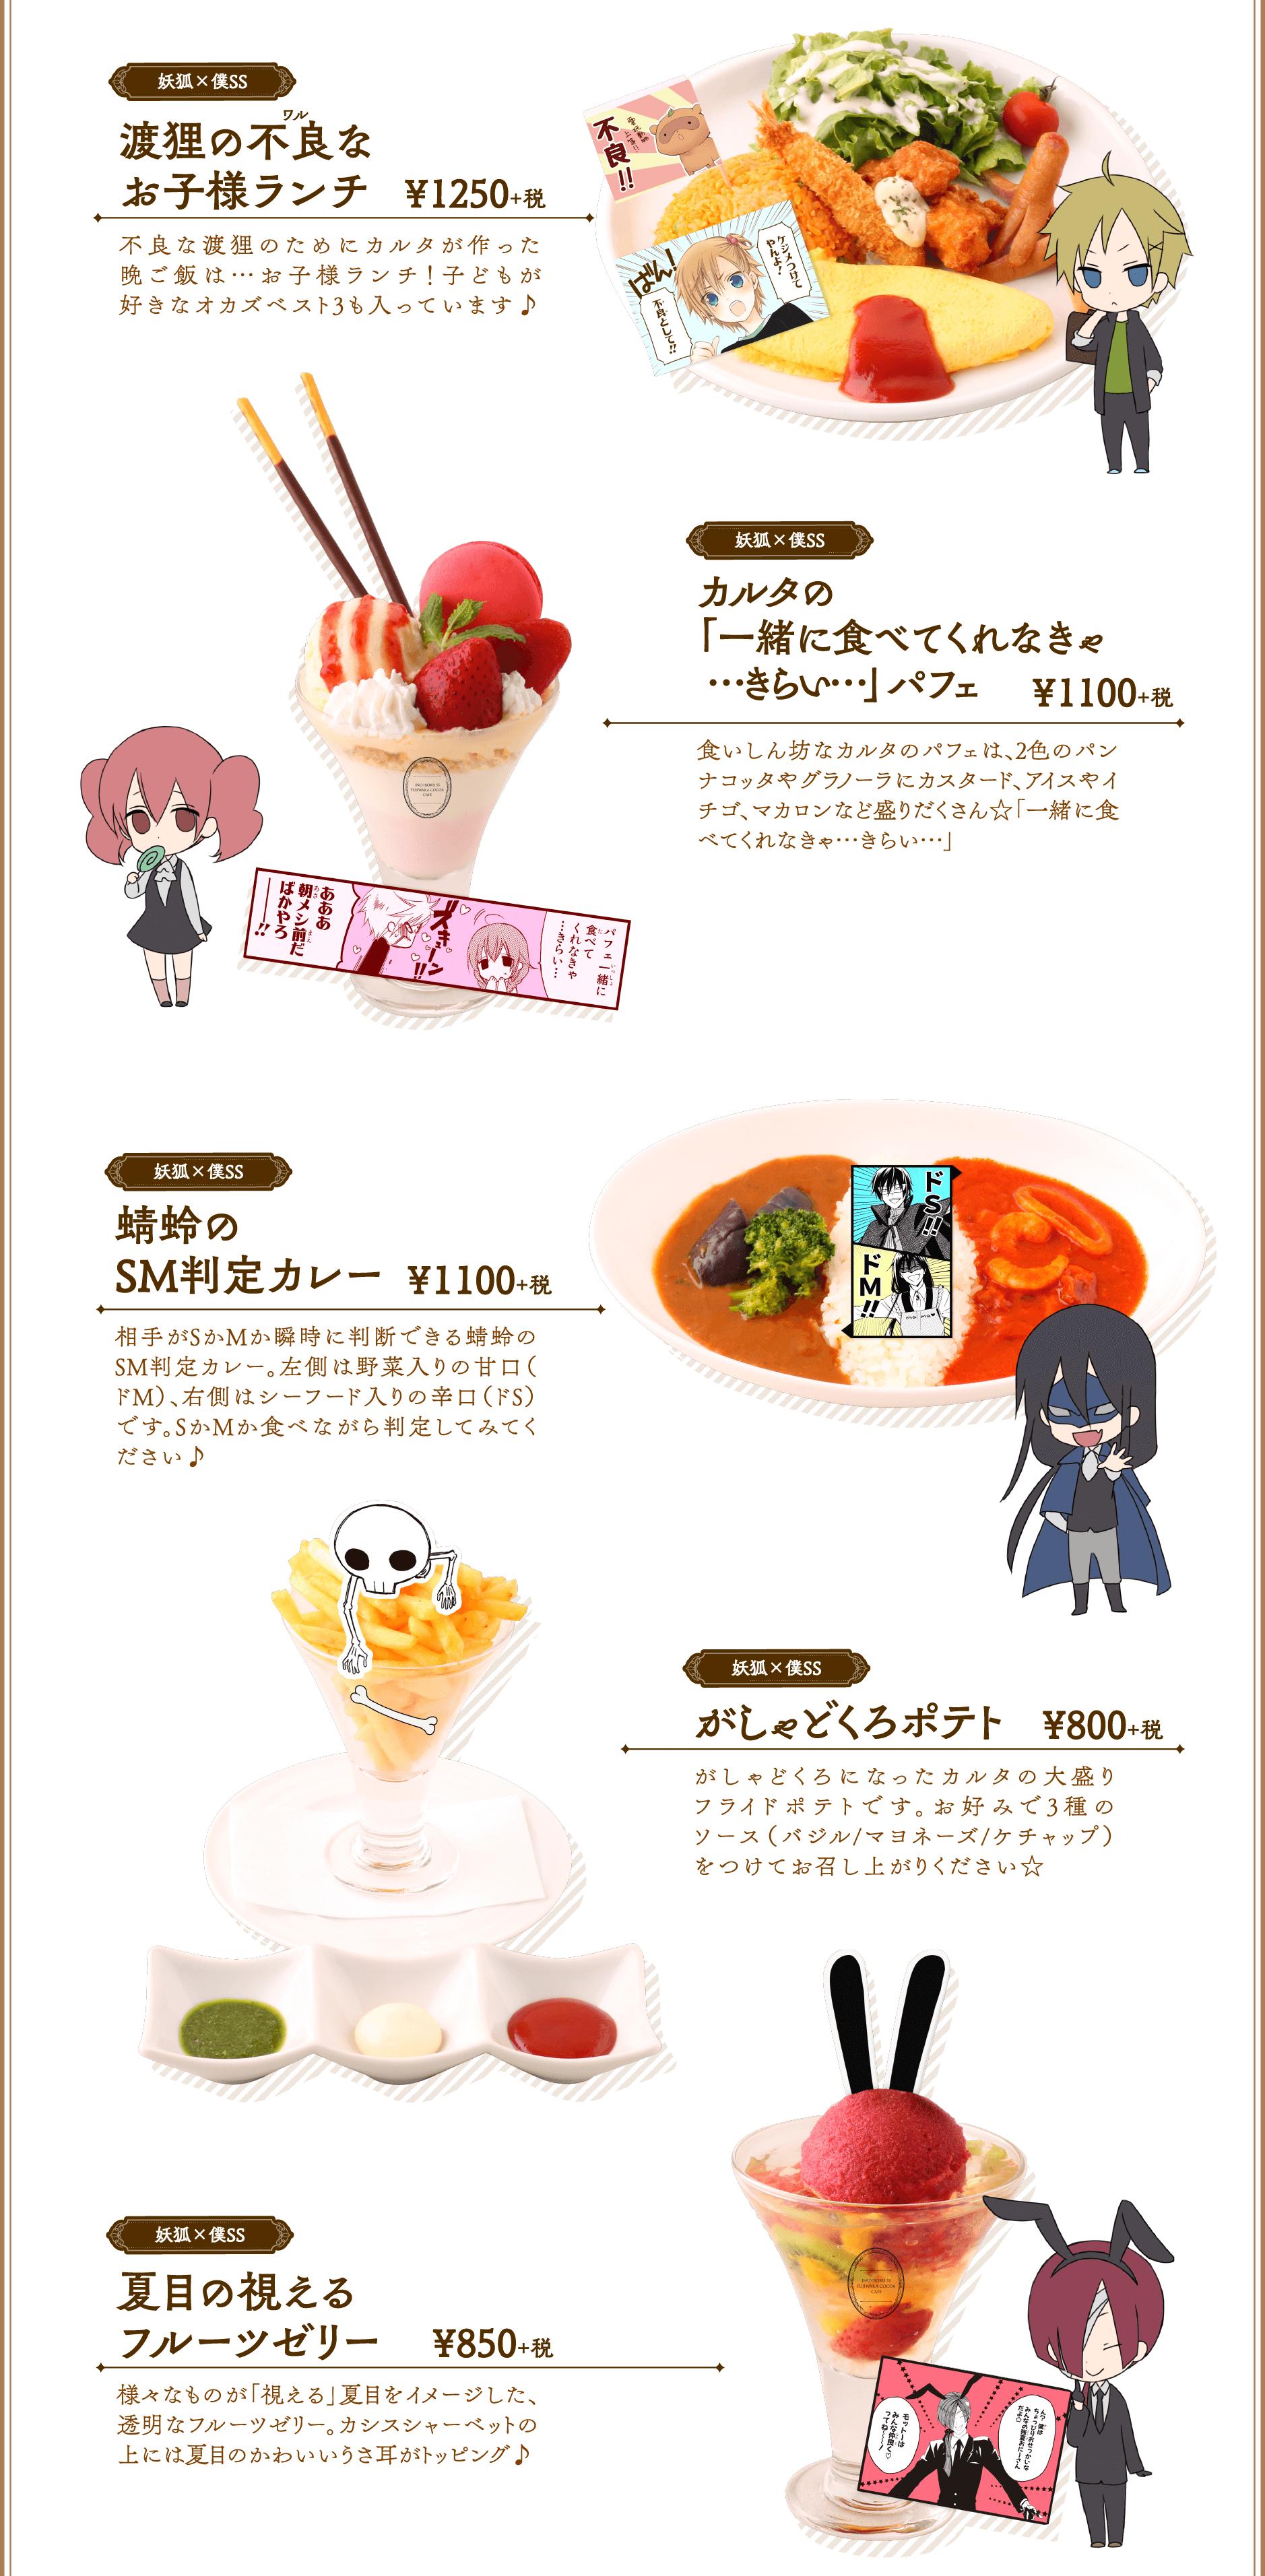 menu-2-20190909.png